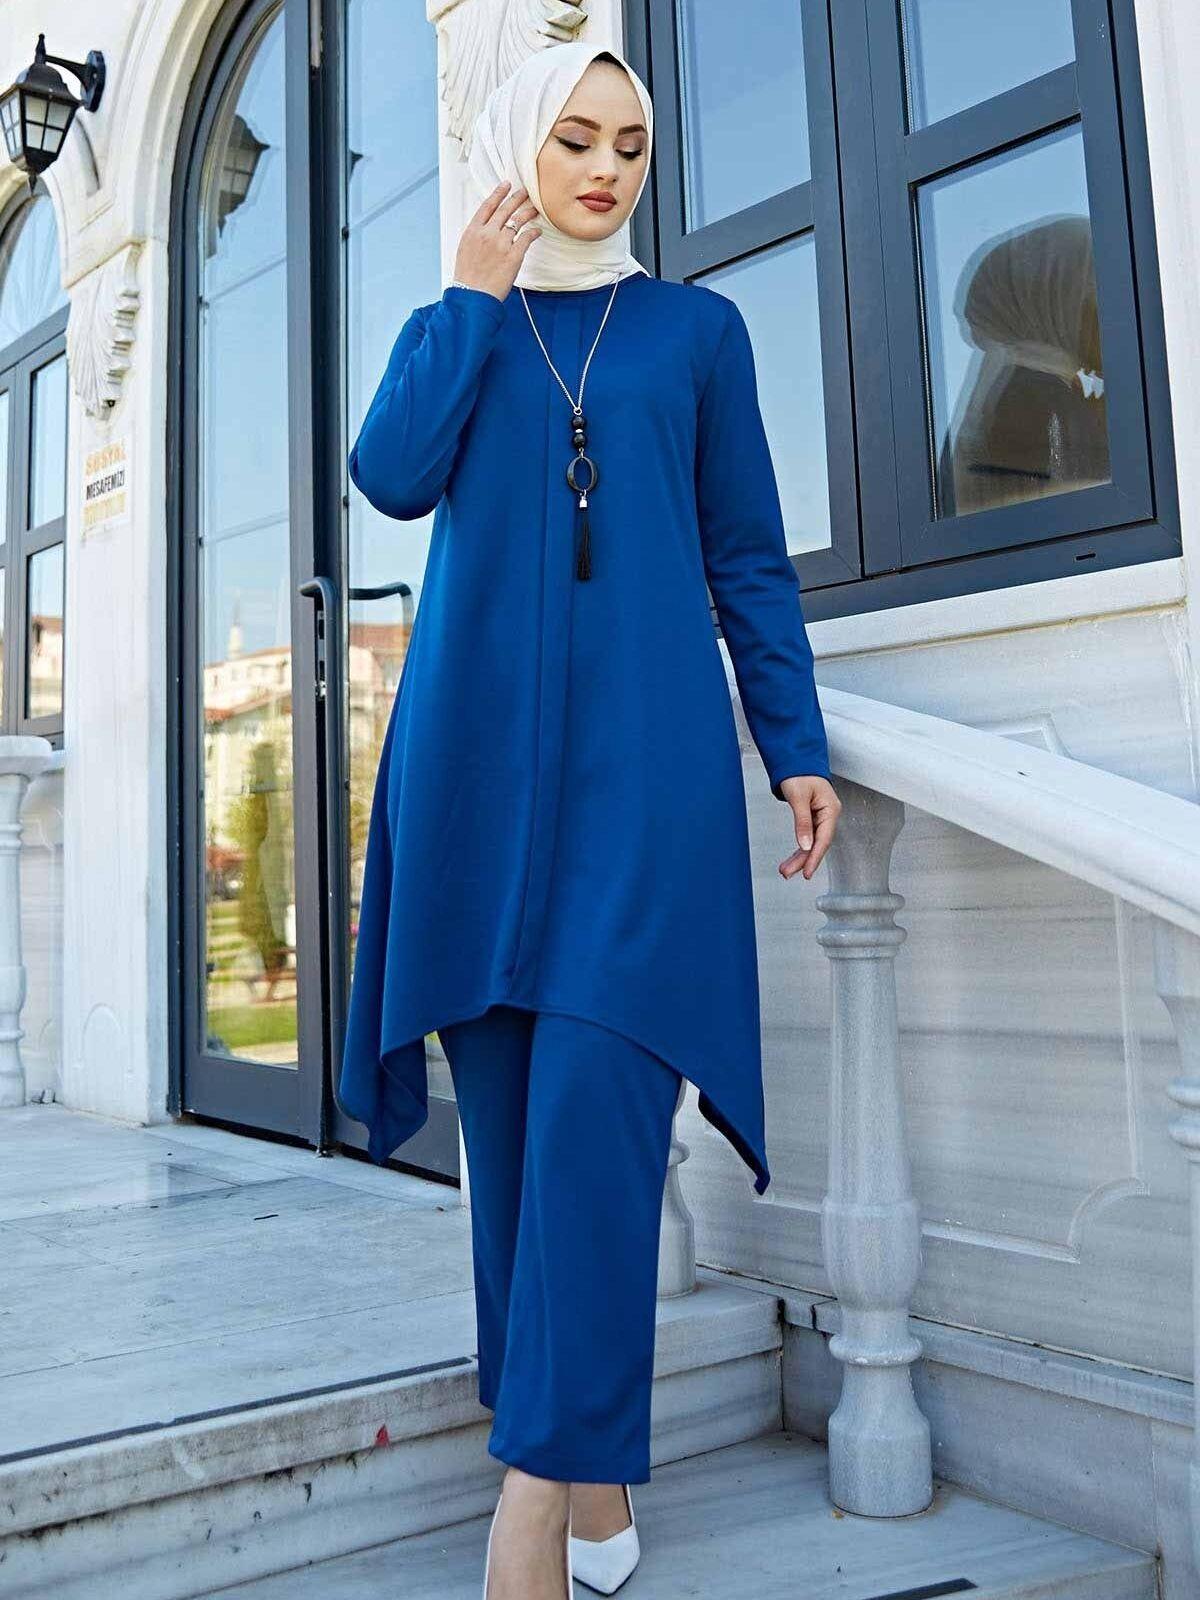 платье женское Комплект из 3 предметов Kombin, летний шарф, ожерелье, брюки, туника платье платья для женщин платья шарф женский платье летнее п...